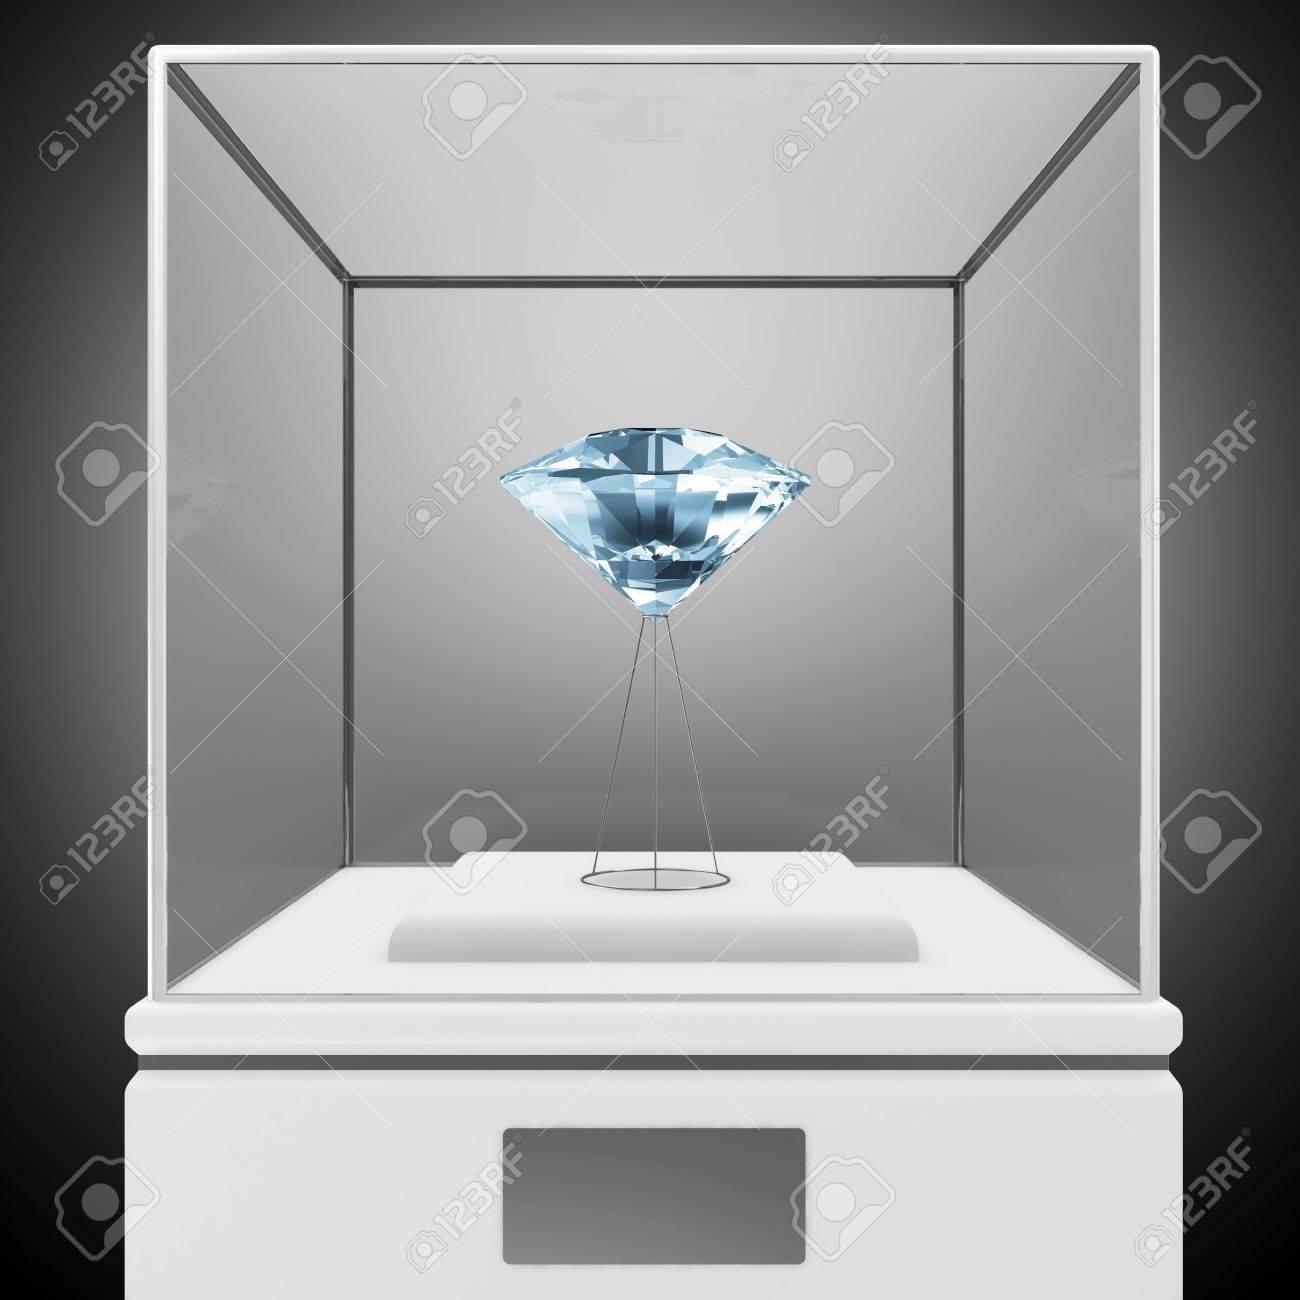 Presentation Showcase with Blue Diamond Stock Photo - 20055139